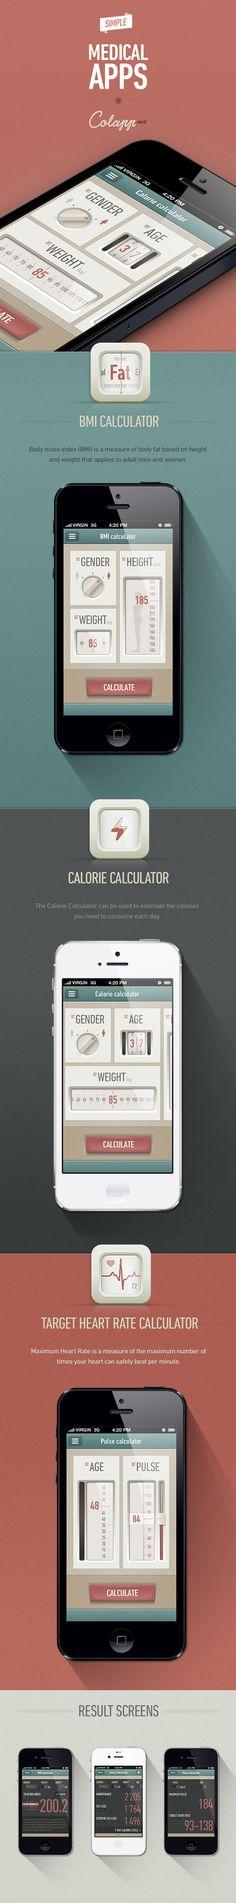 APP Graphic design. UI Mobile